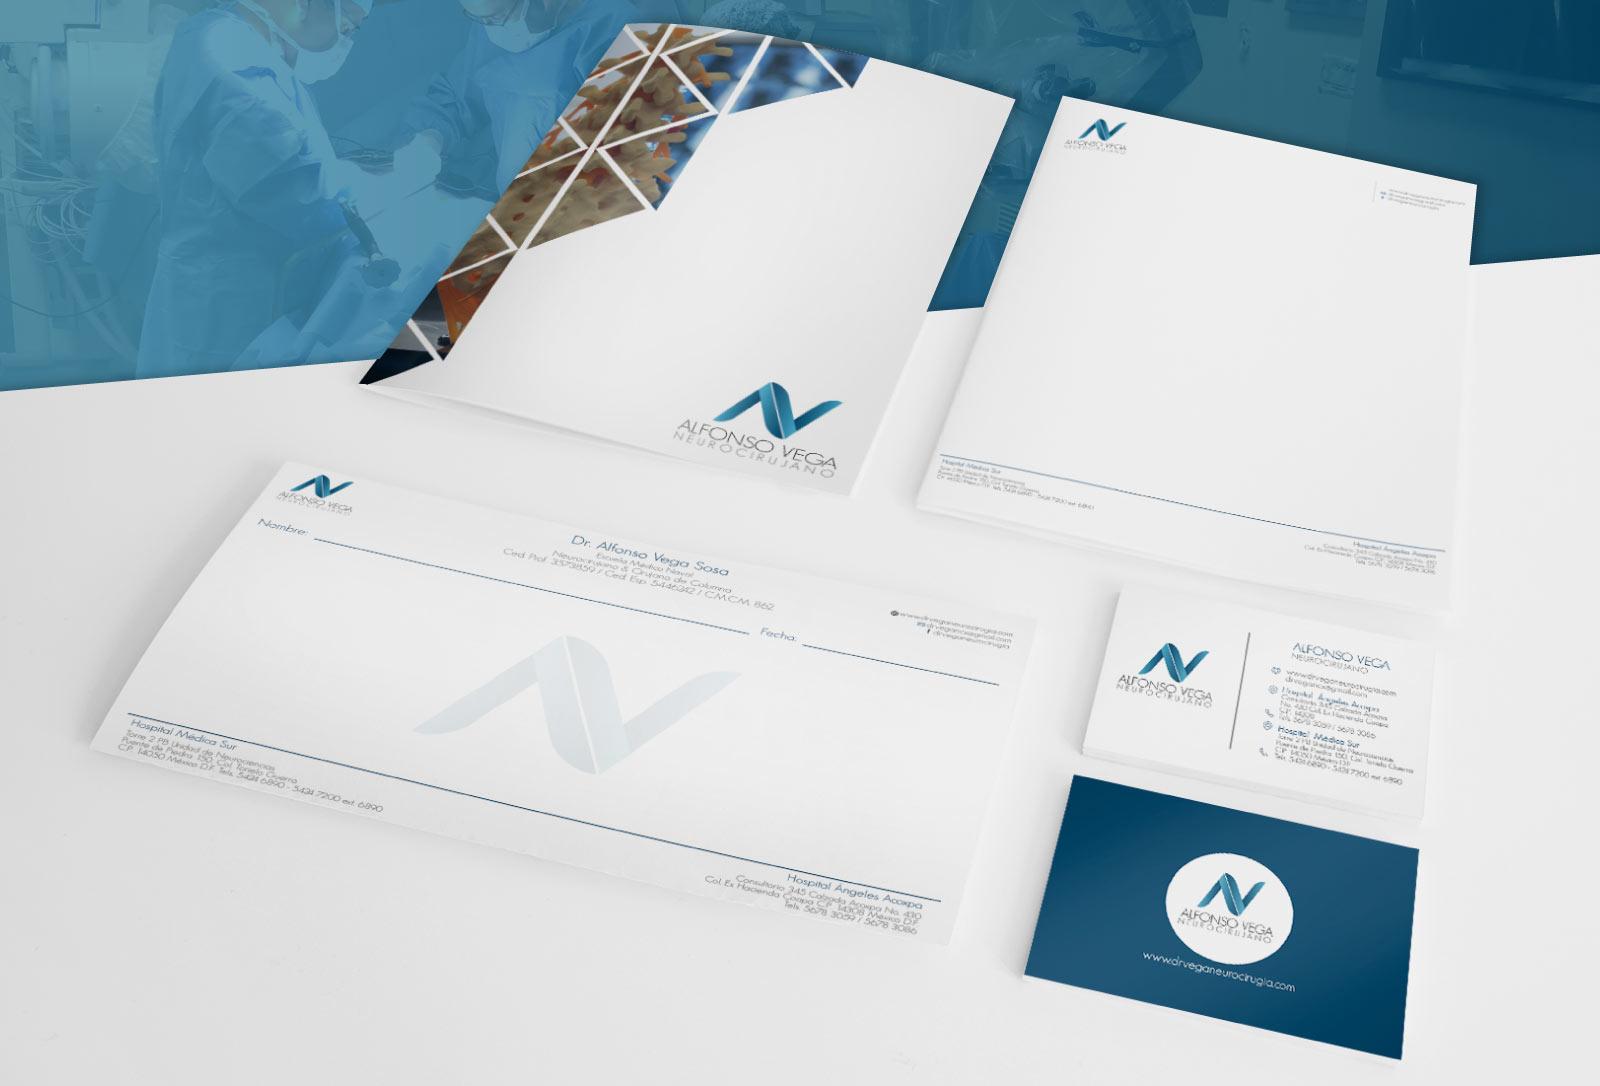 Diseño corporativo para el Dr. Alfonso Vega